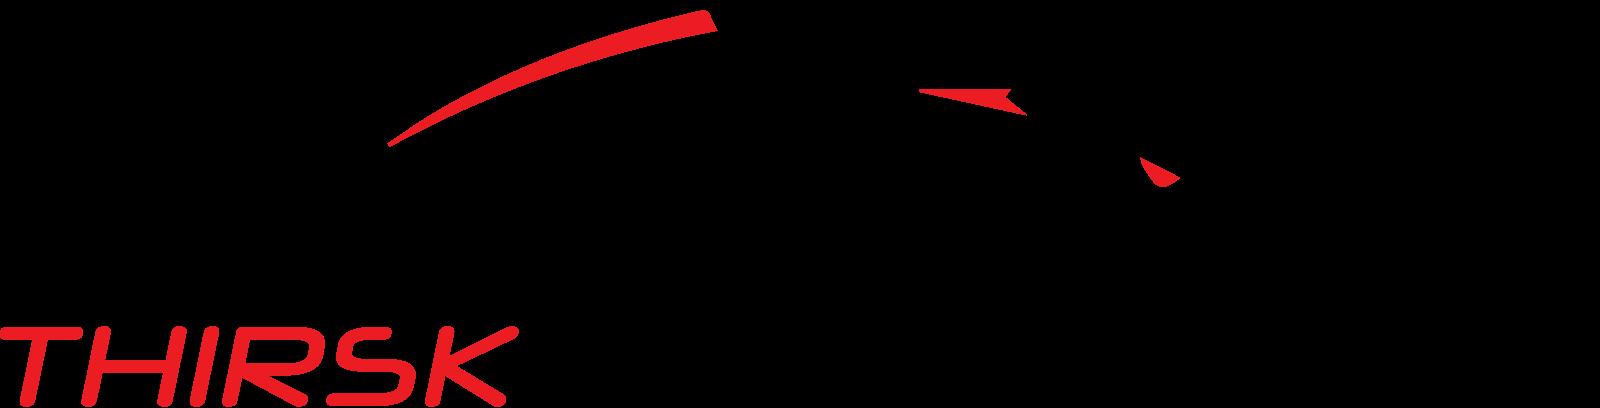 Thirsk-Scaffolding_Logo